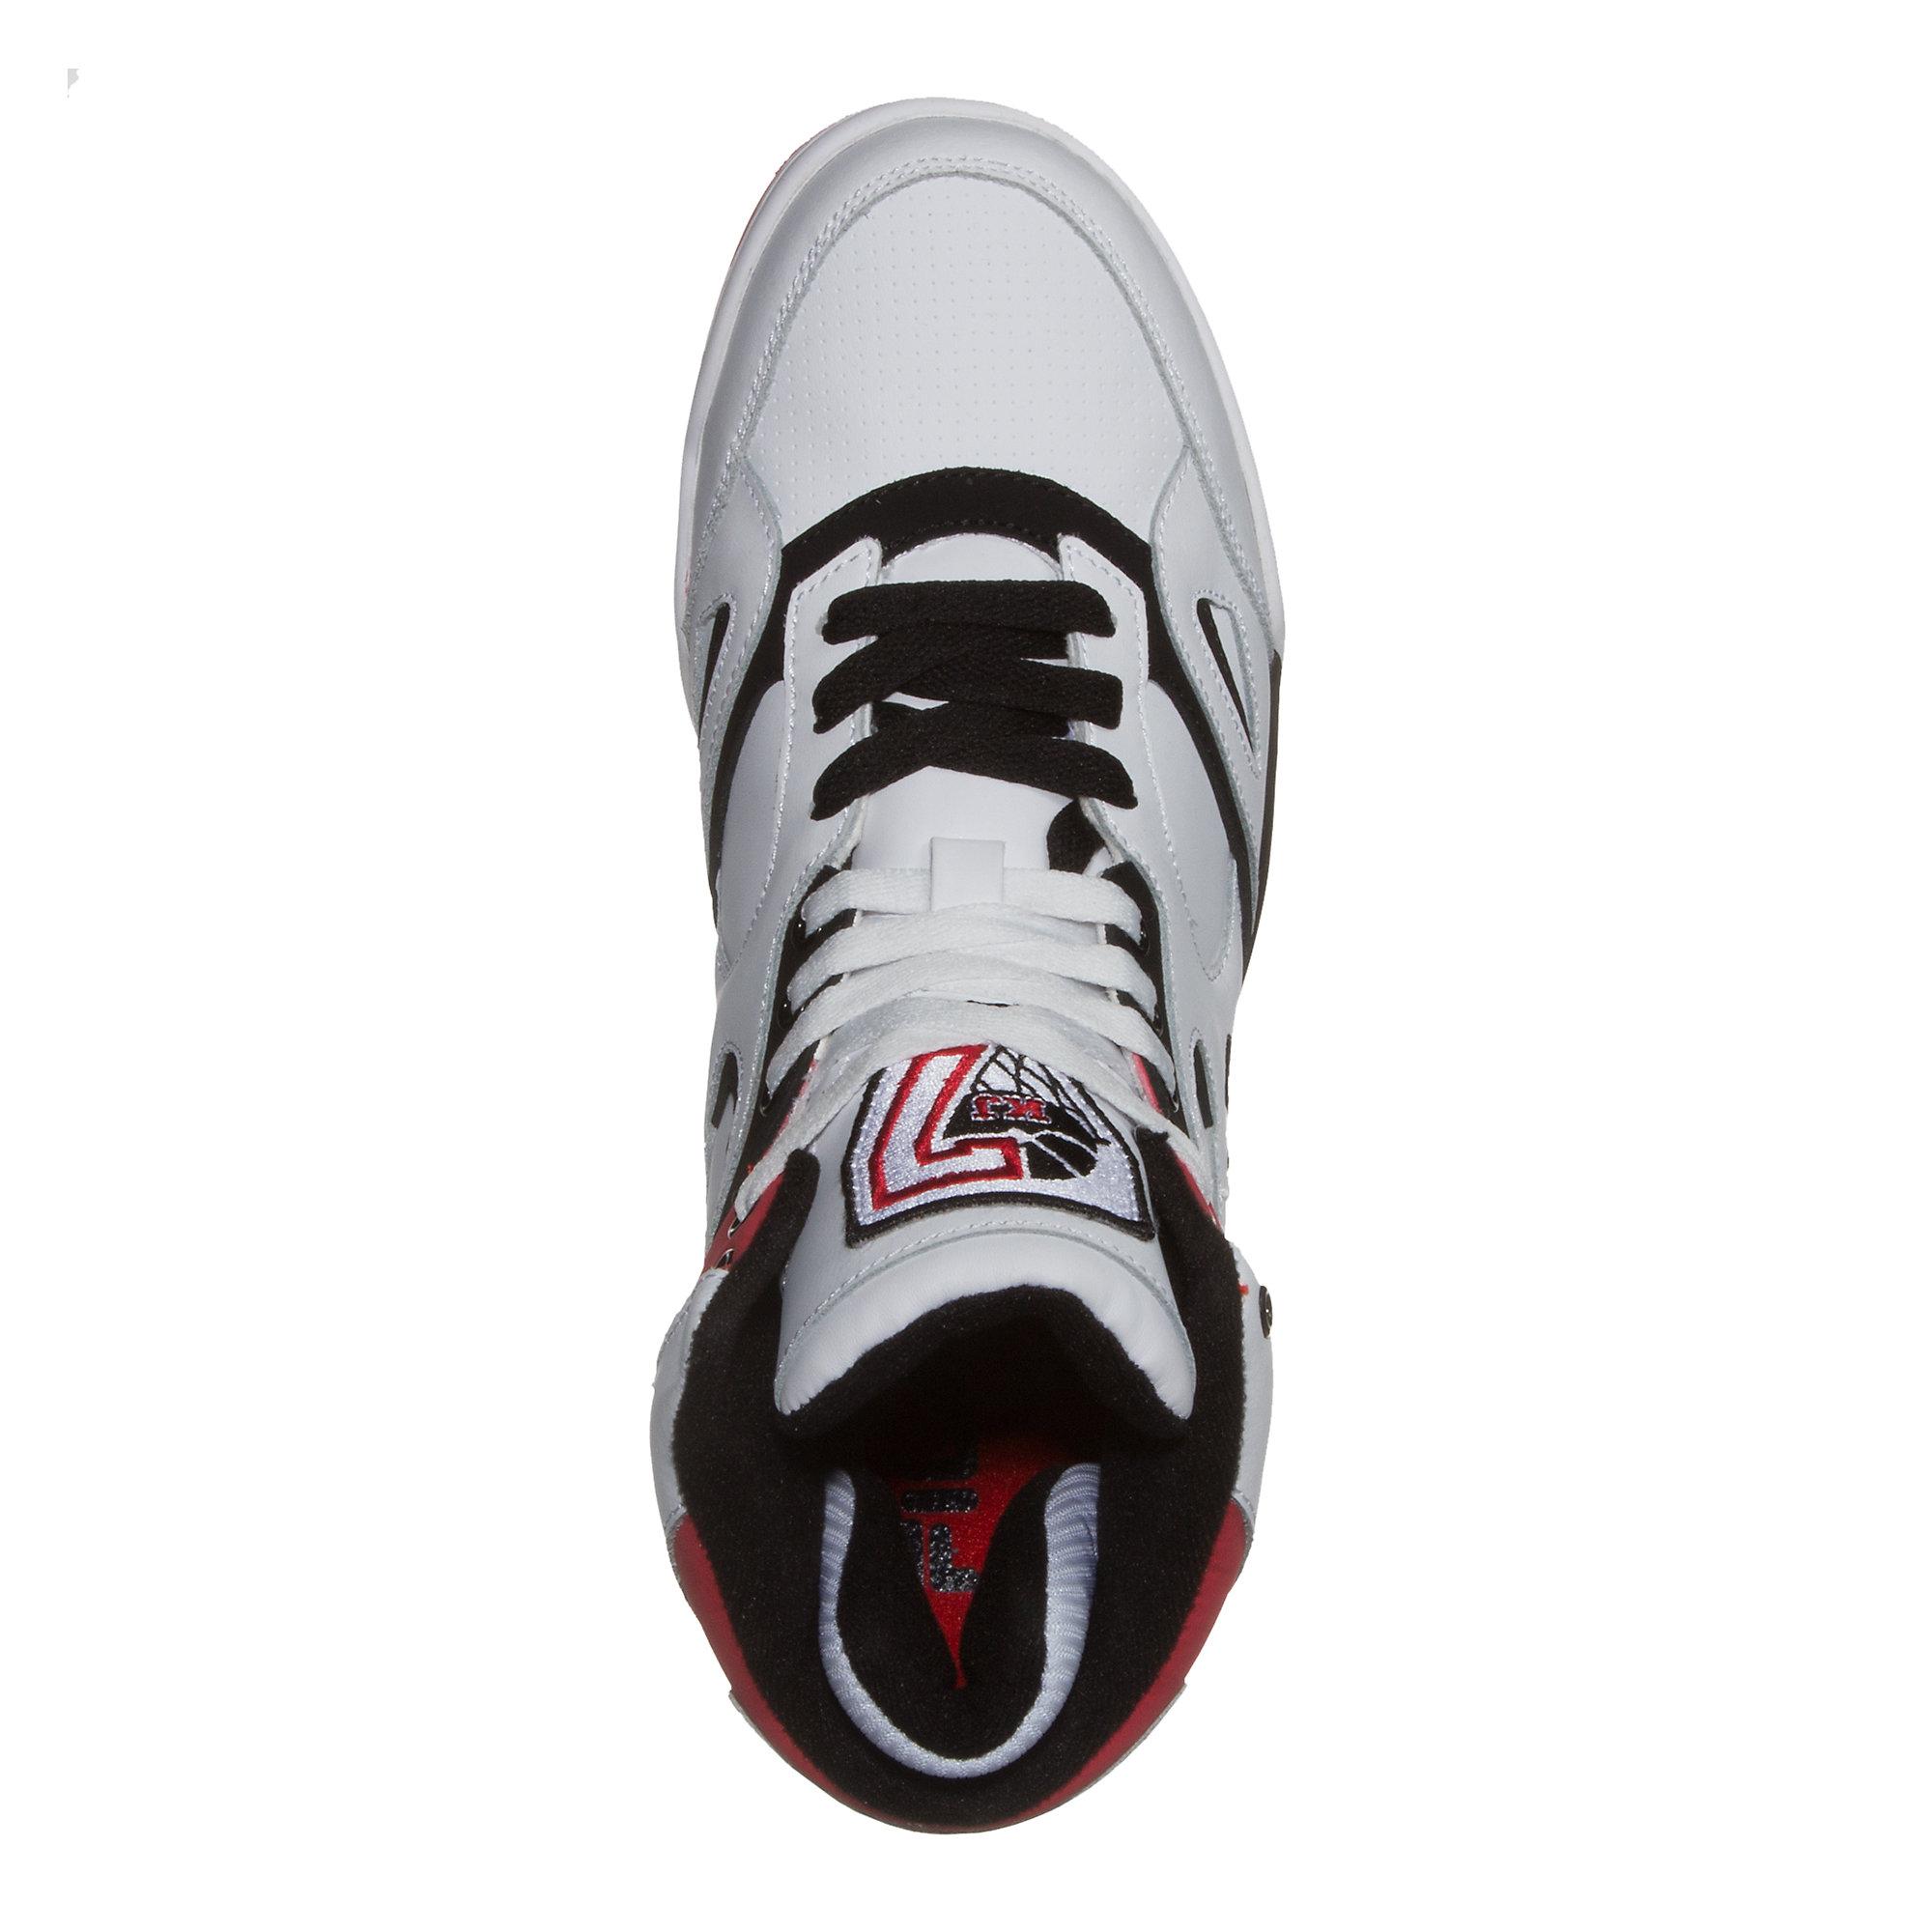 release-reminder-fila-kj7-white-black-fila-red-5